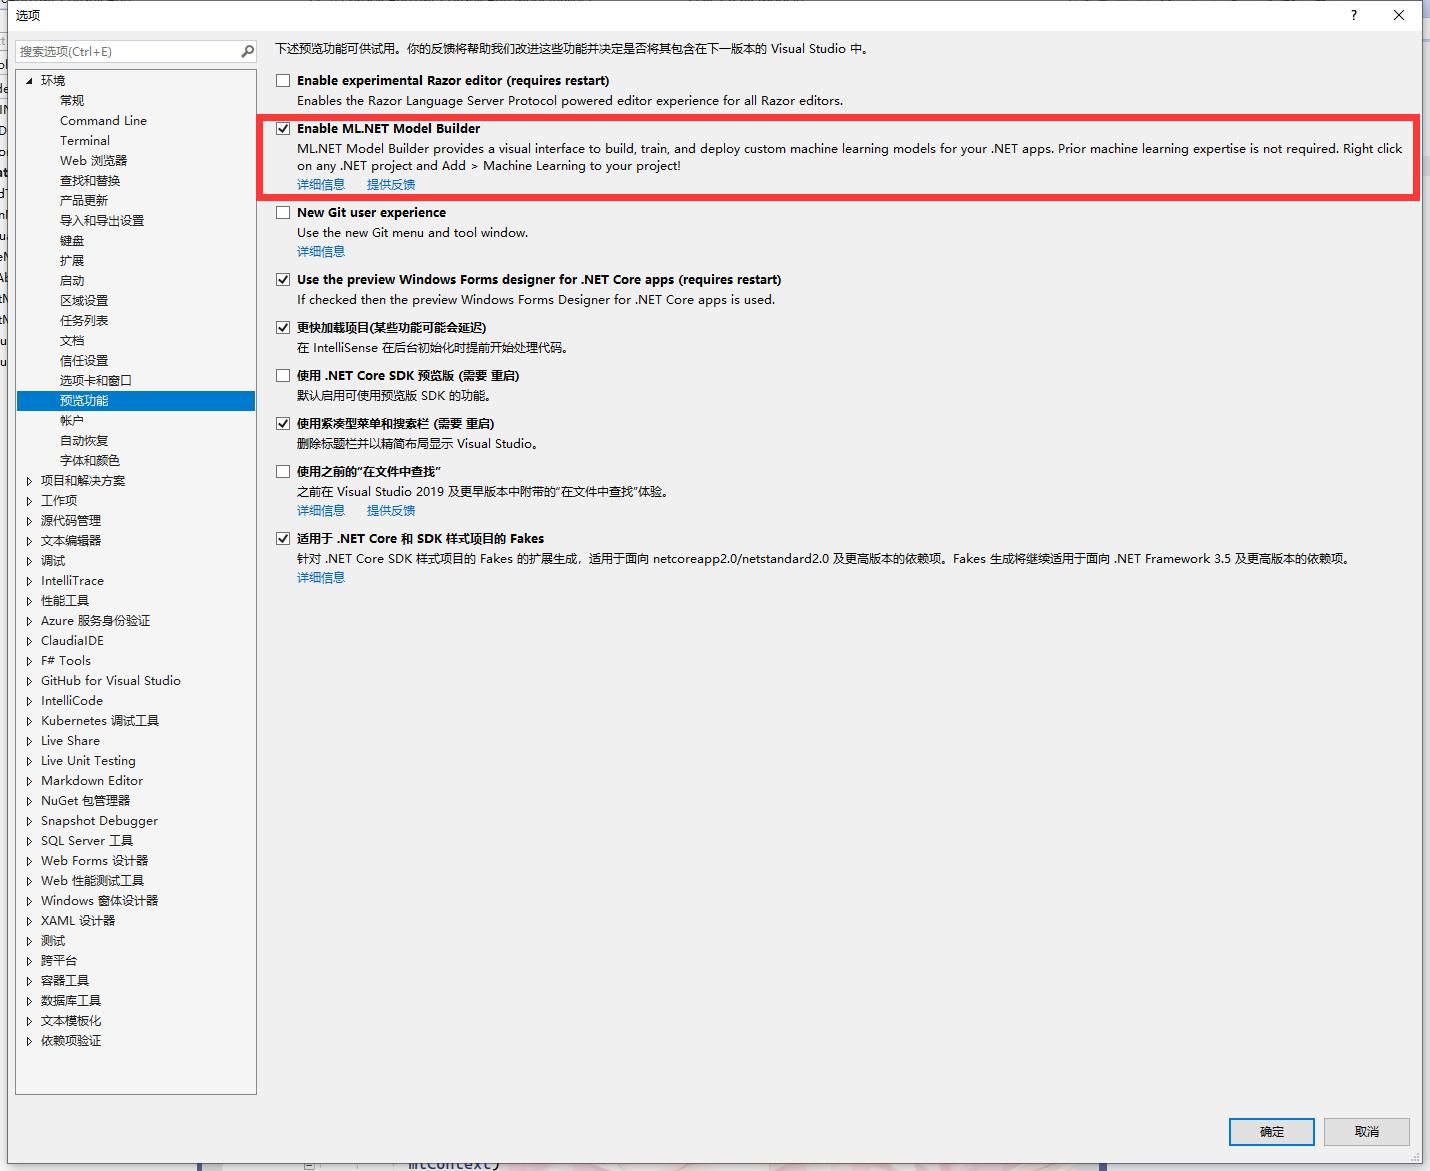 启用ML.NET模型生成器